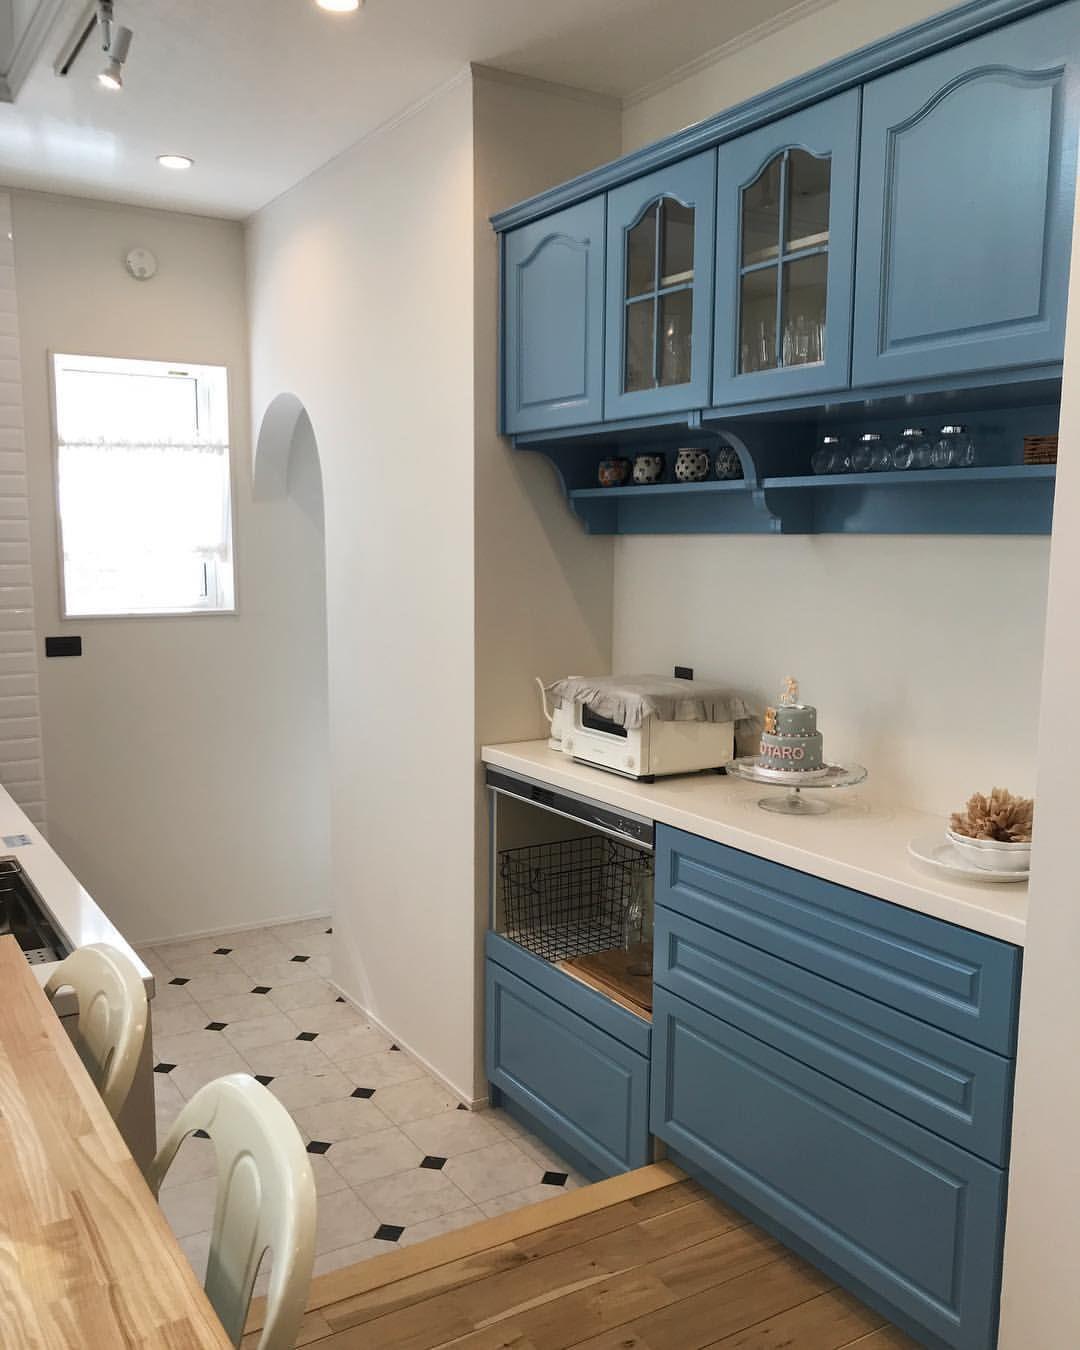 キッチンキャビネット ウッドワンのものを無塗装でお願いして 好きな色で塗装しました 愛着 ありすぎ キッチンキャビネット キッチン ウッドワン